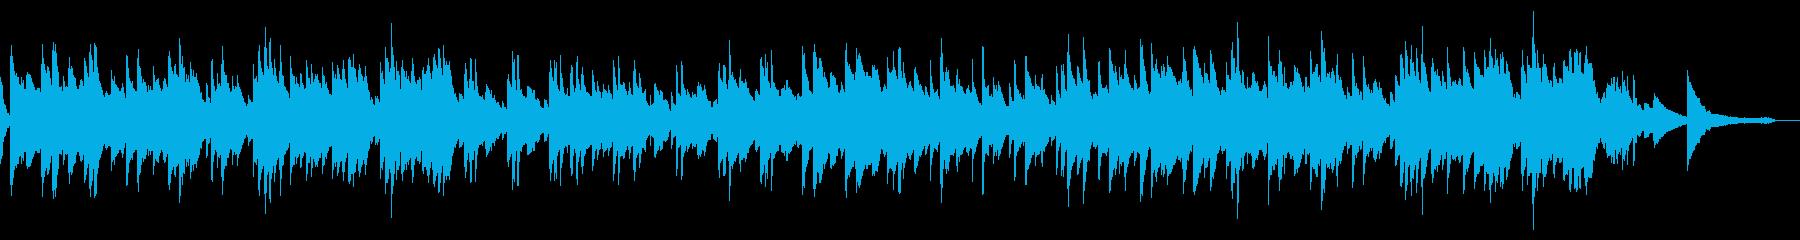 優しく前向きな爽やかピアノソロ(2分)の再生済みの波形